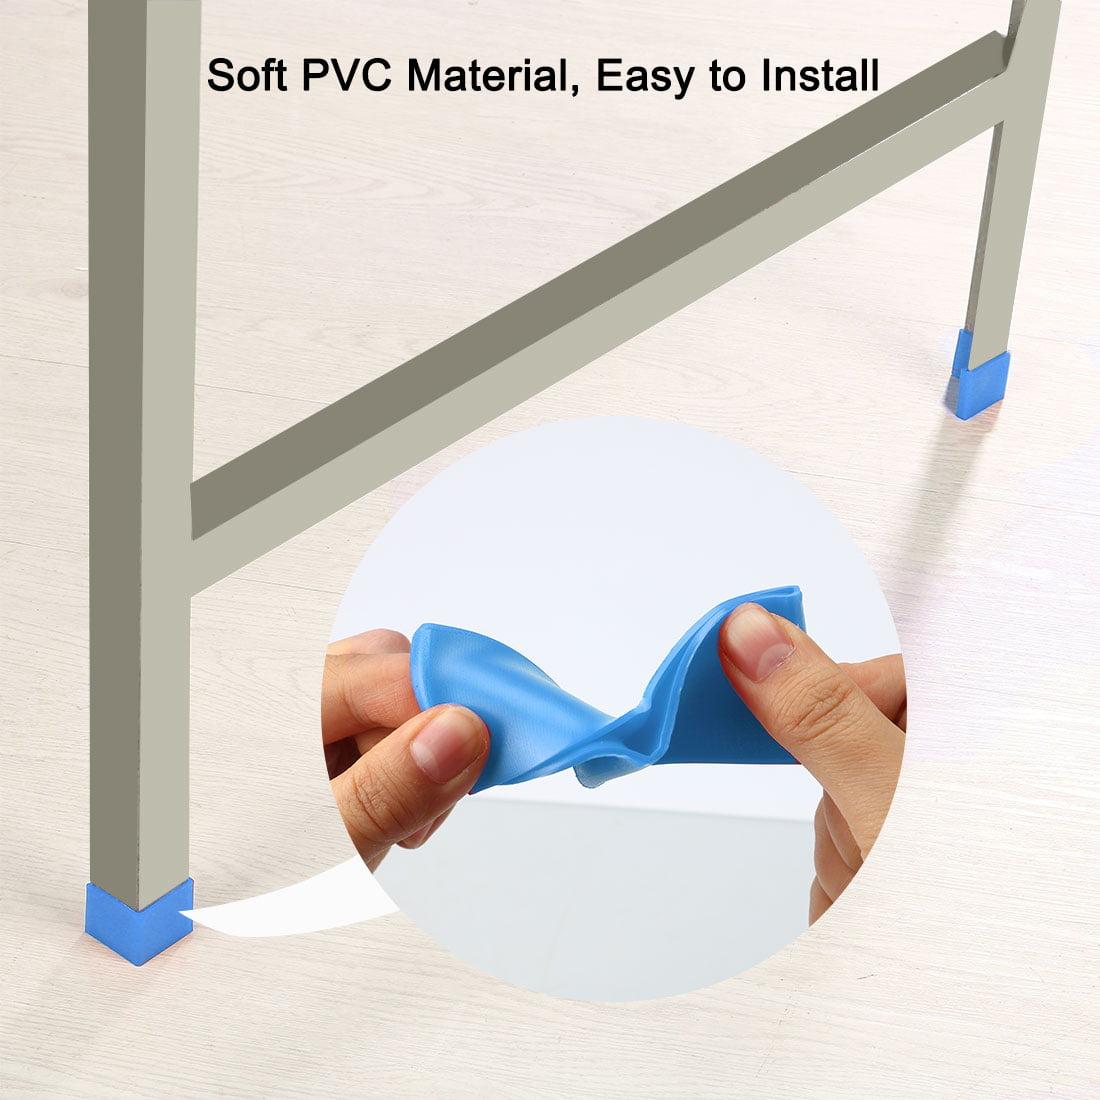 40mm x 40mm Angle Iron Foot Pad L Shaped PVC Leg Cap Floor Protector Blue 12 Pcs - image 1 de 7